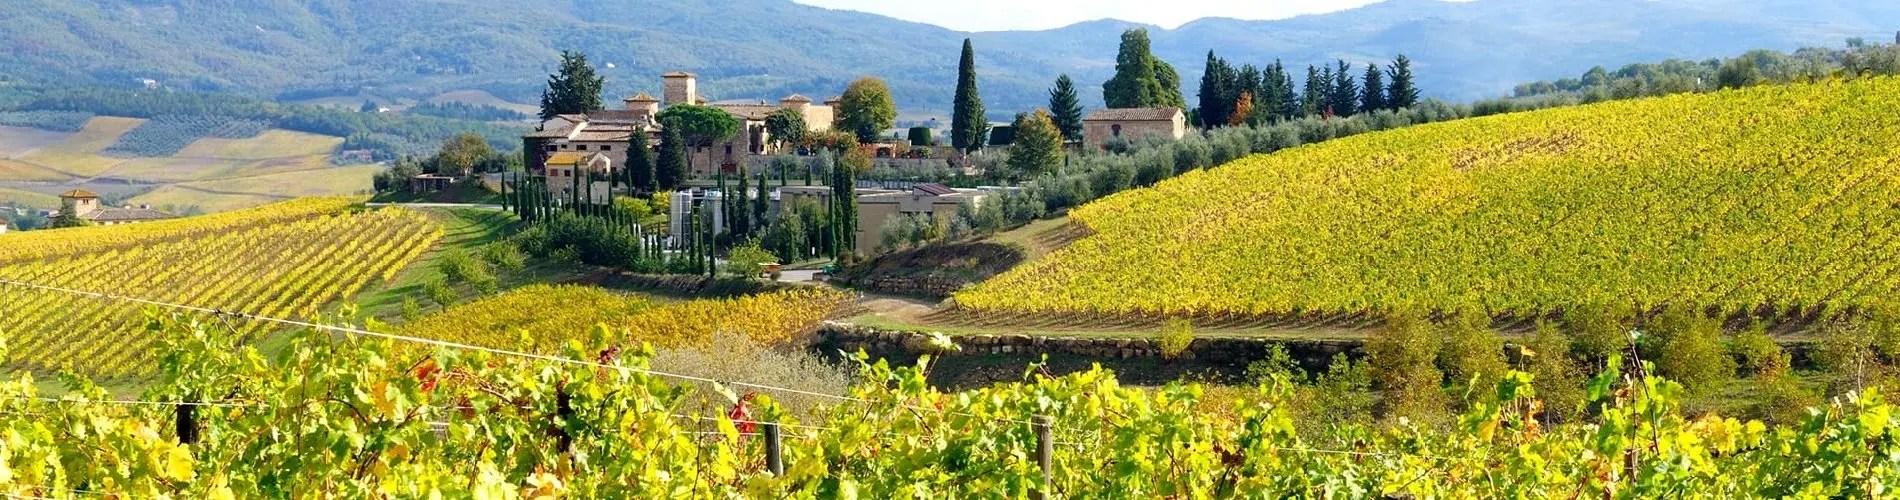 California wine region